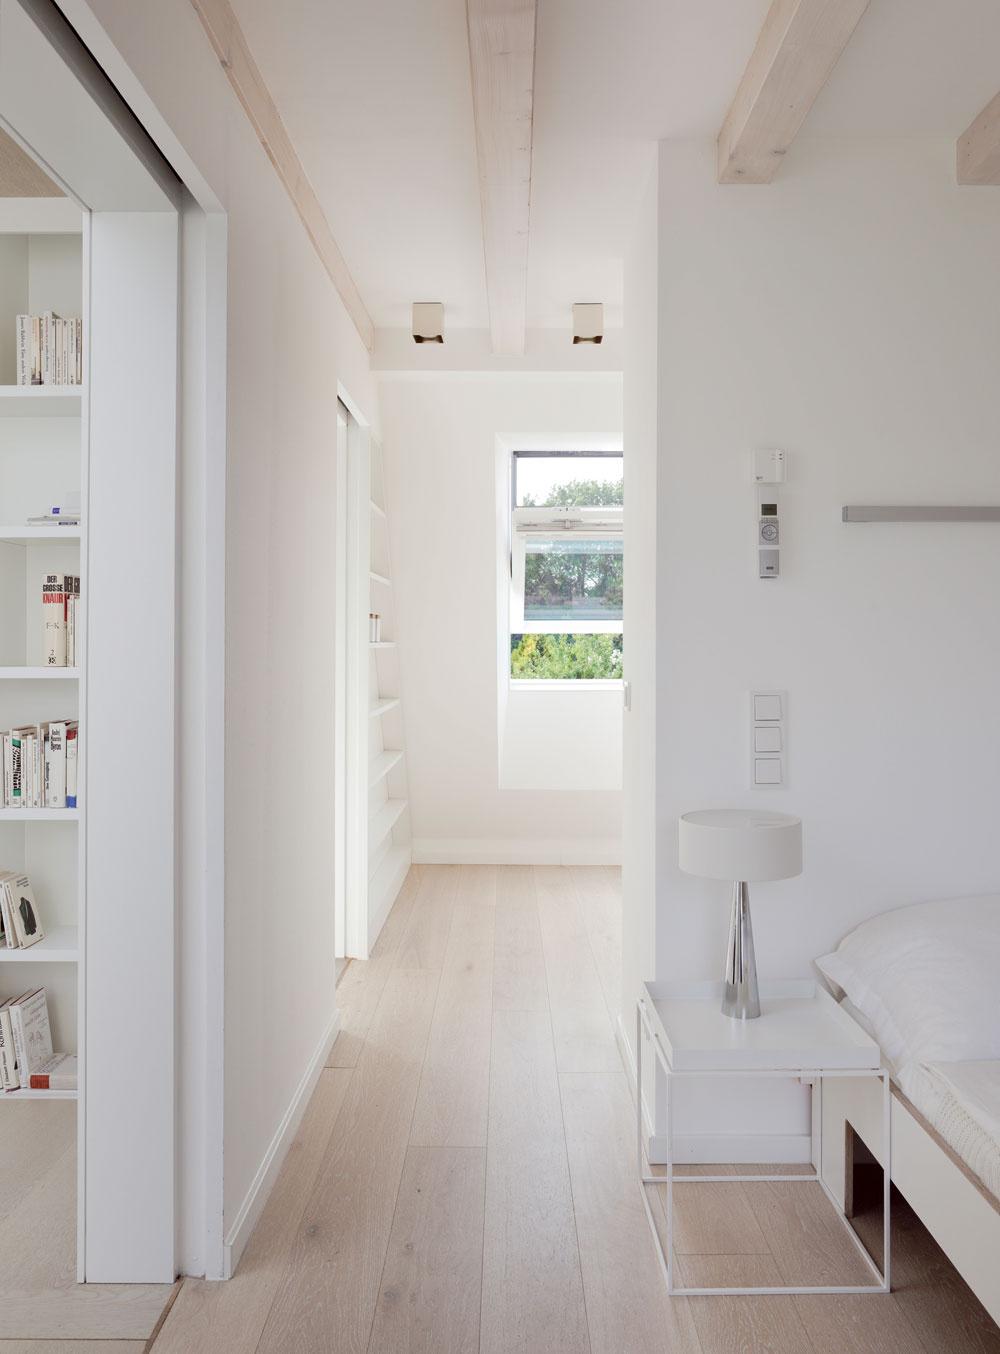 Asi polovicu prízemia pôvodného domu zabrali po rekonštrukcii detské izby, vdruhej časti je veľkorysá kúpeľňa aschodisko. Svetlé farby ešte zvýraznili optimistický dojem zmoderného vzdušného interiéru plného slnka. (Vo všetkých obytných miestnostiach je podlahové vykurovanie.)